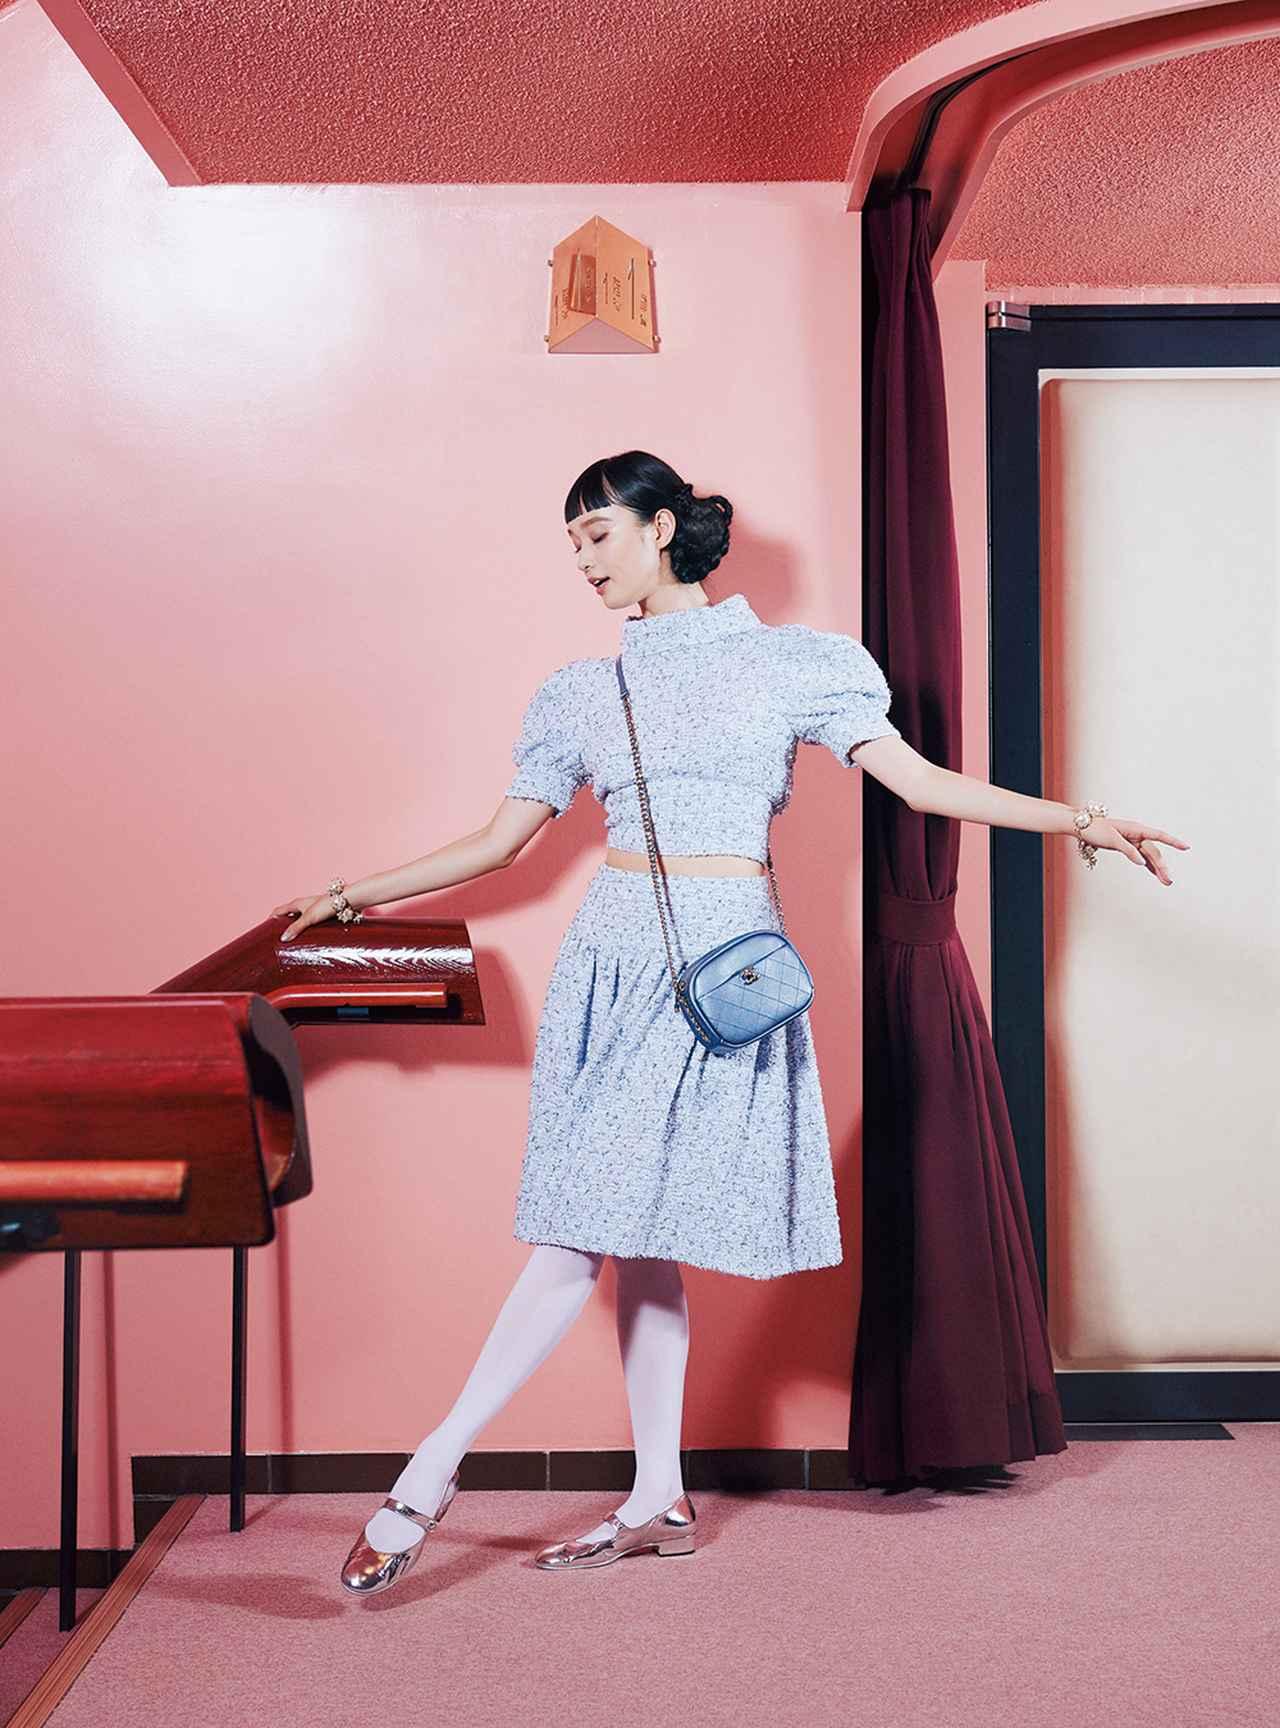 Images : 3番目の画像 - 「至福の時空へ誘う 華麗なる観劇スタイル」のアルバム - T JAPAN:The New York Times Style Magazine 公式サイト